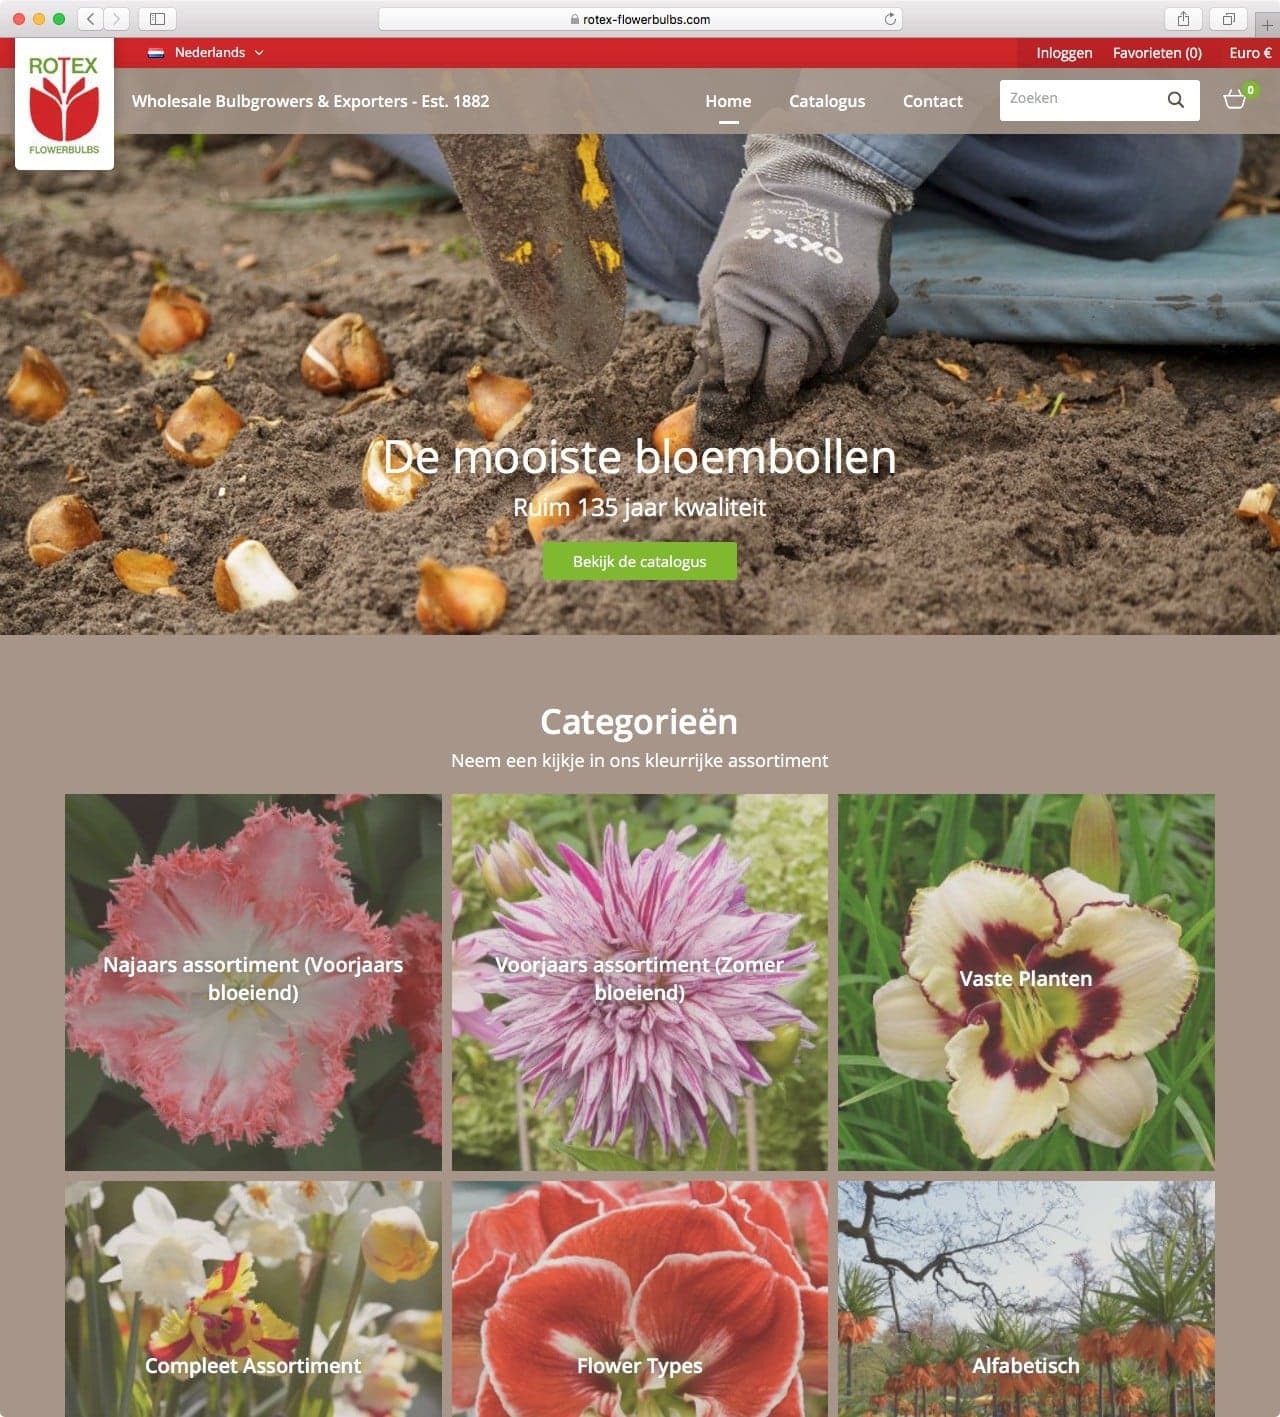 Rotex Flowerbulbs